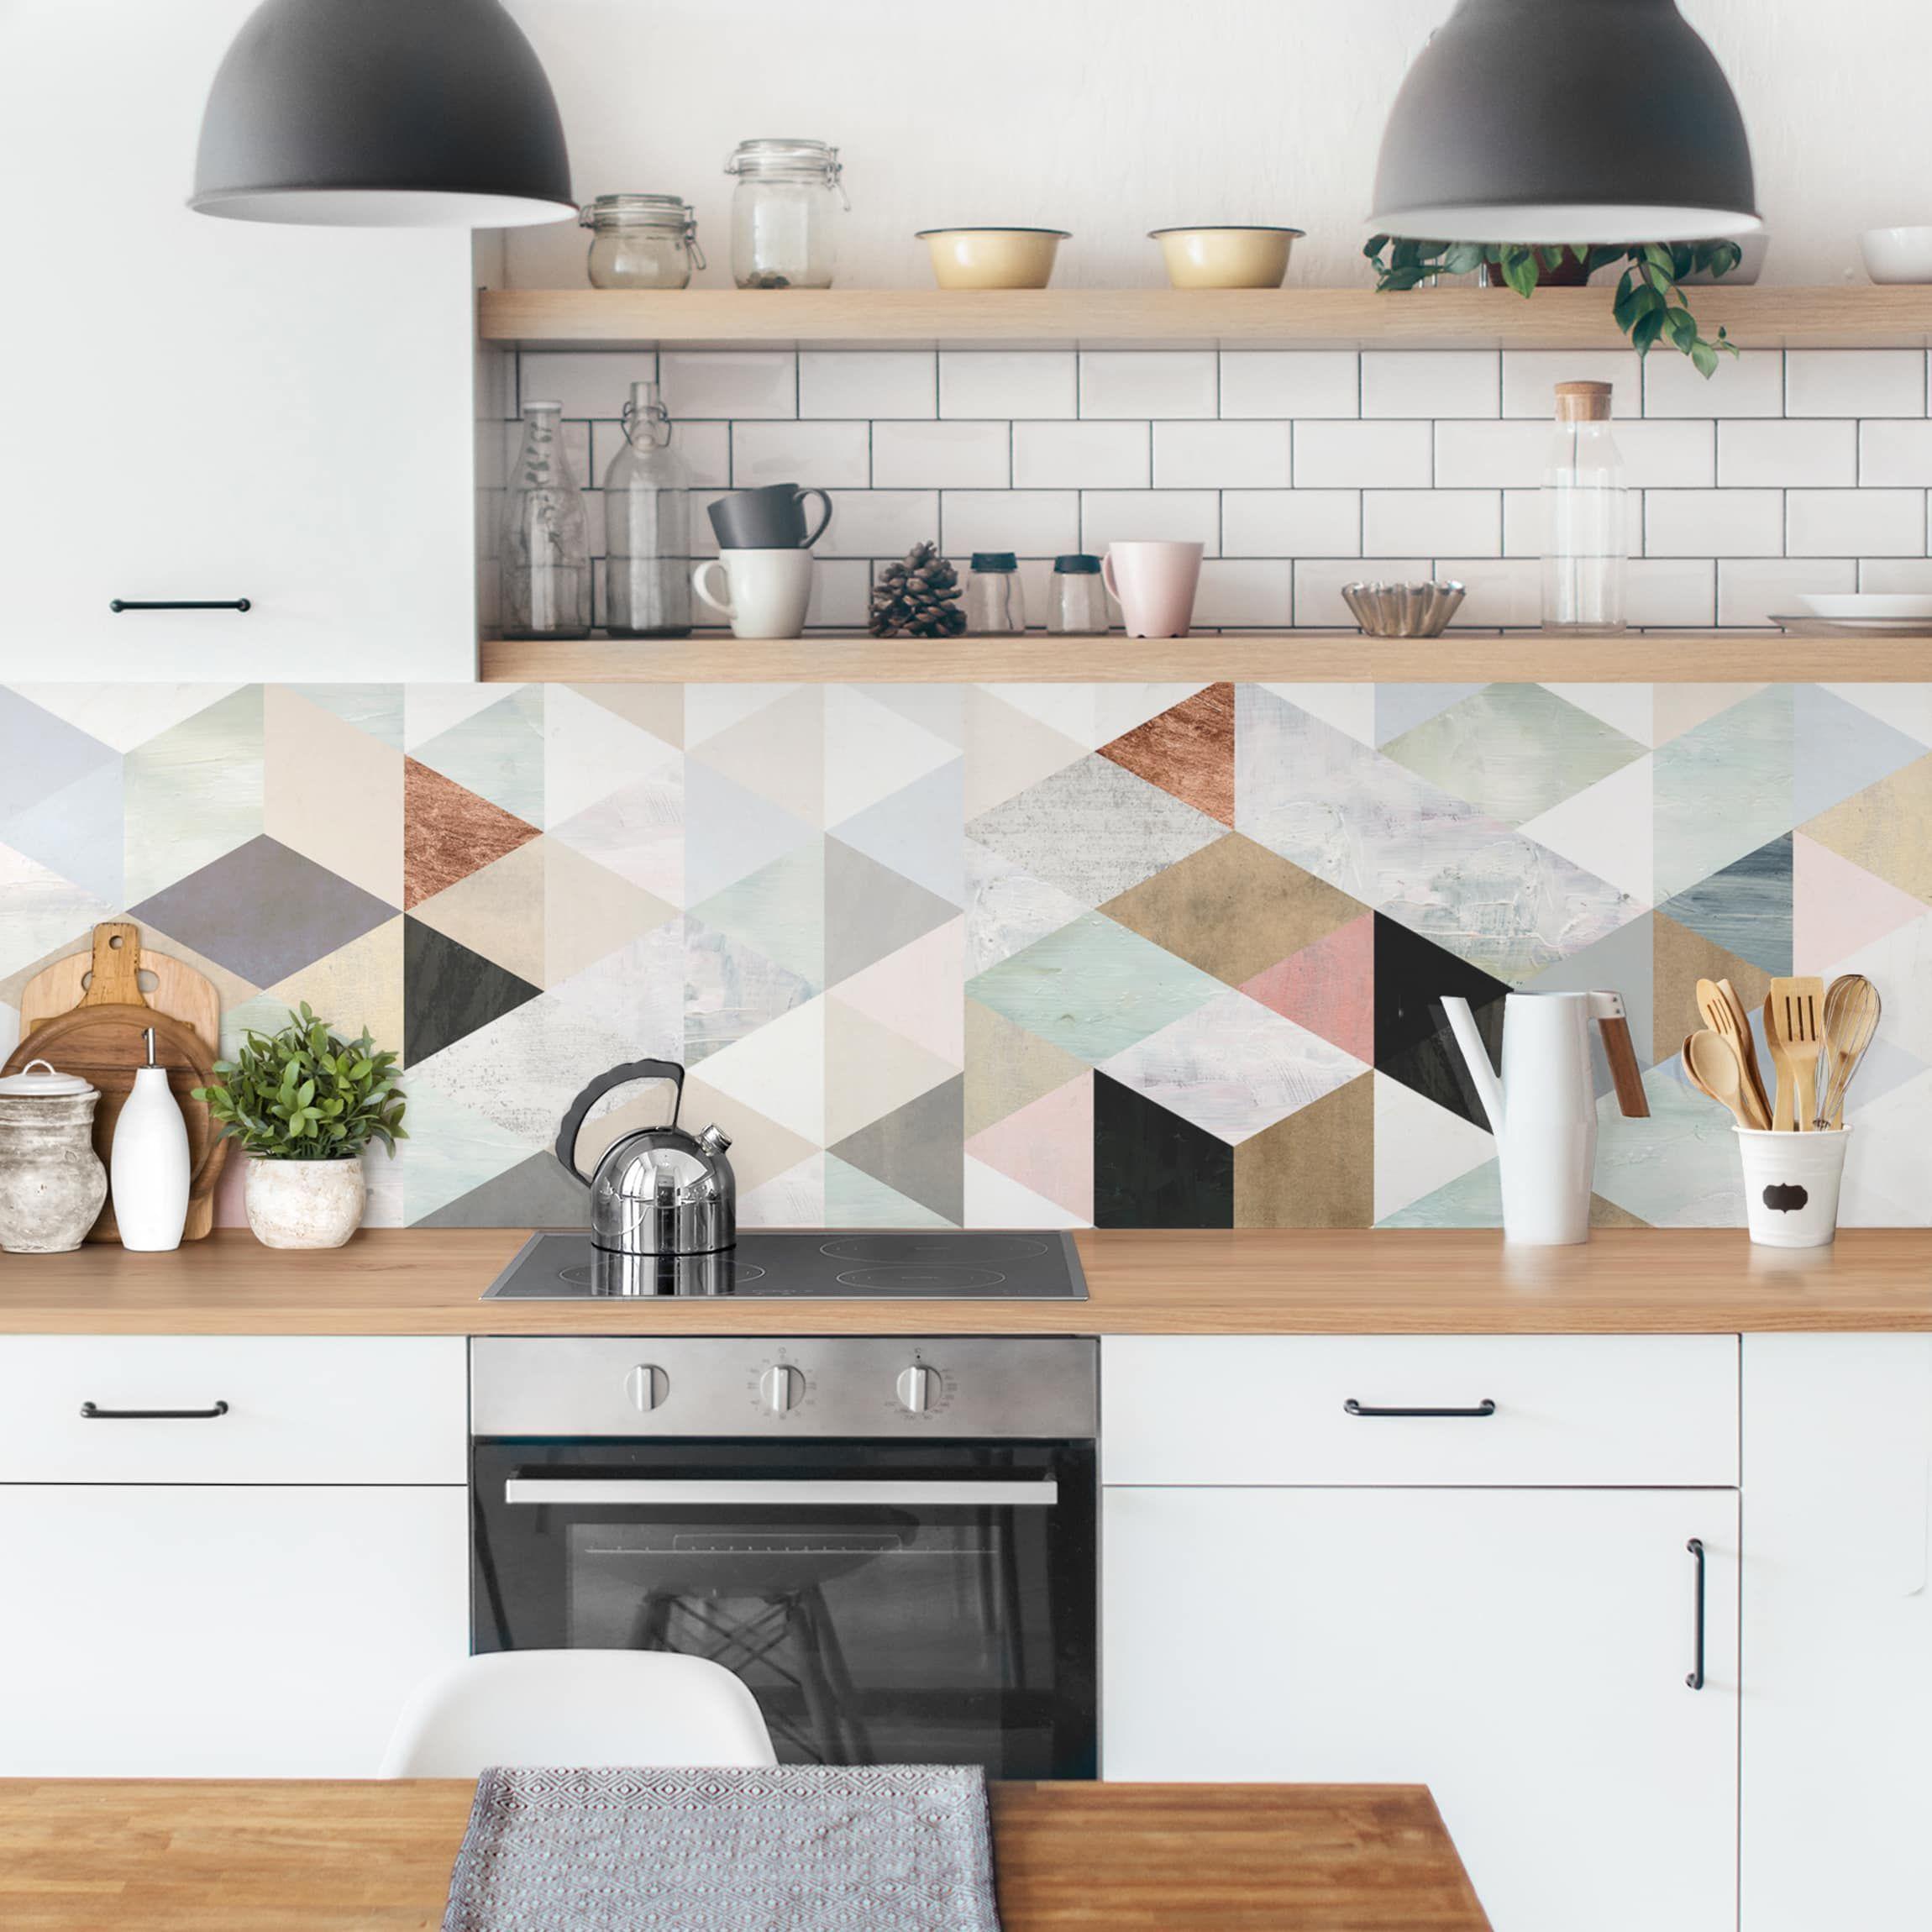 Du Suchst Moderne Kuchenruckwand Ideen Dieses Mosaik Muster In Aquarell Farben Ist Ein Stilvoller S Kuche Mosaik Innenarchitektur Kuche Fliesenaufkleber Kuche